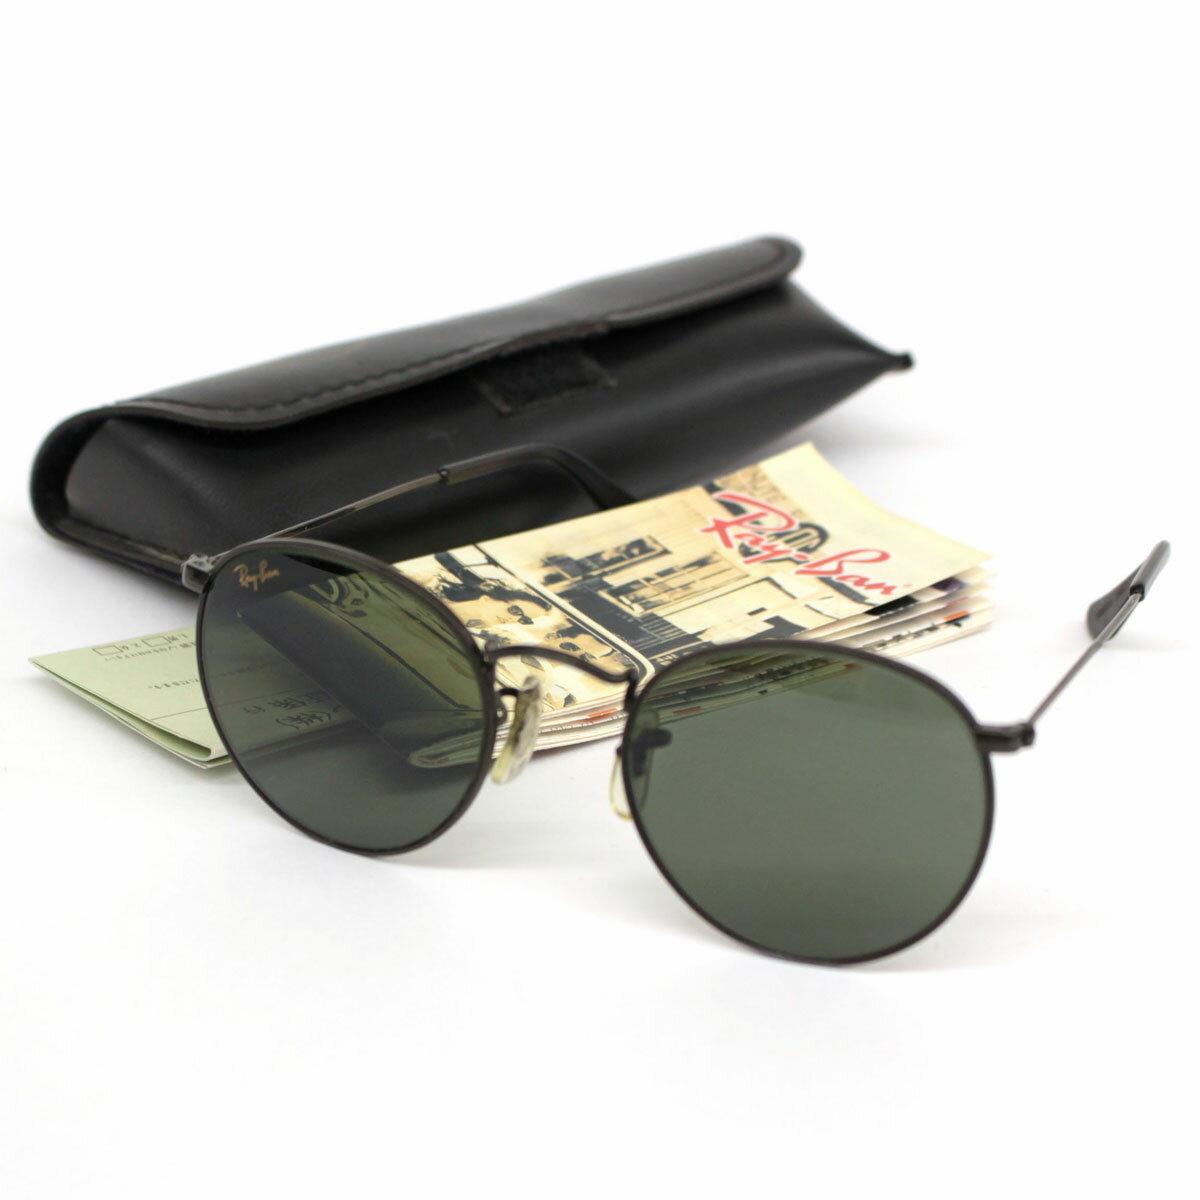 眼鏡・サングラス, サングラス Ray-Ban W0604 black G-15BLUSA